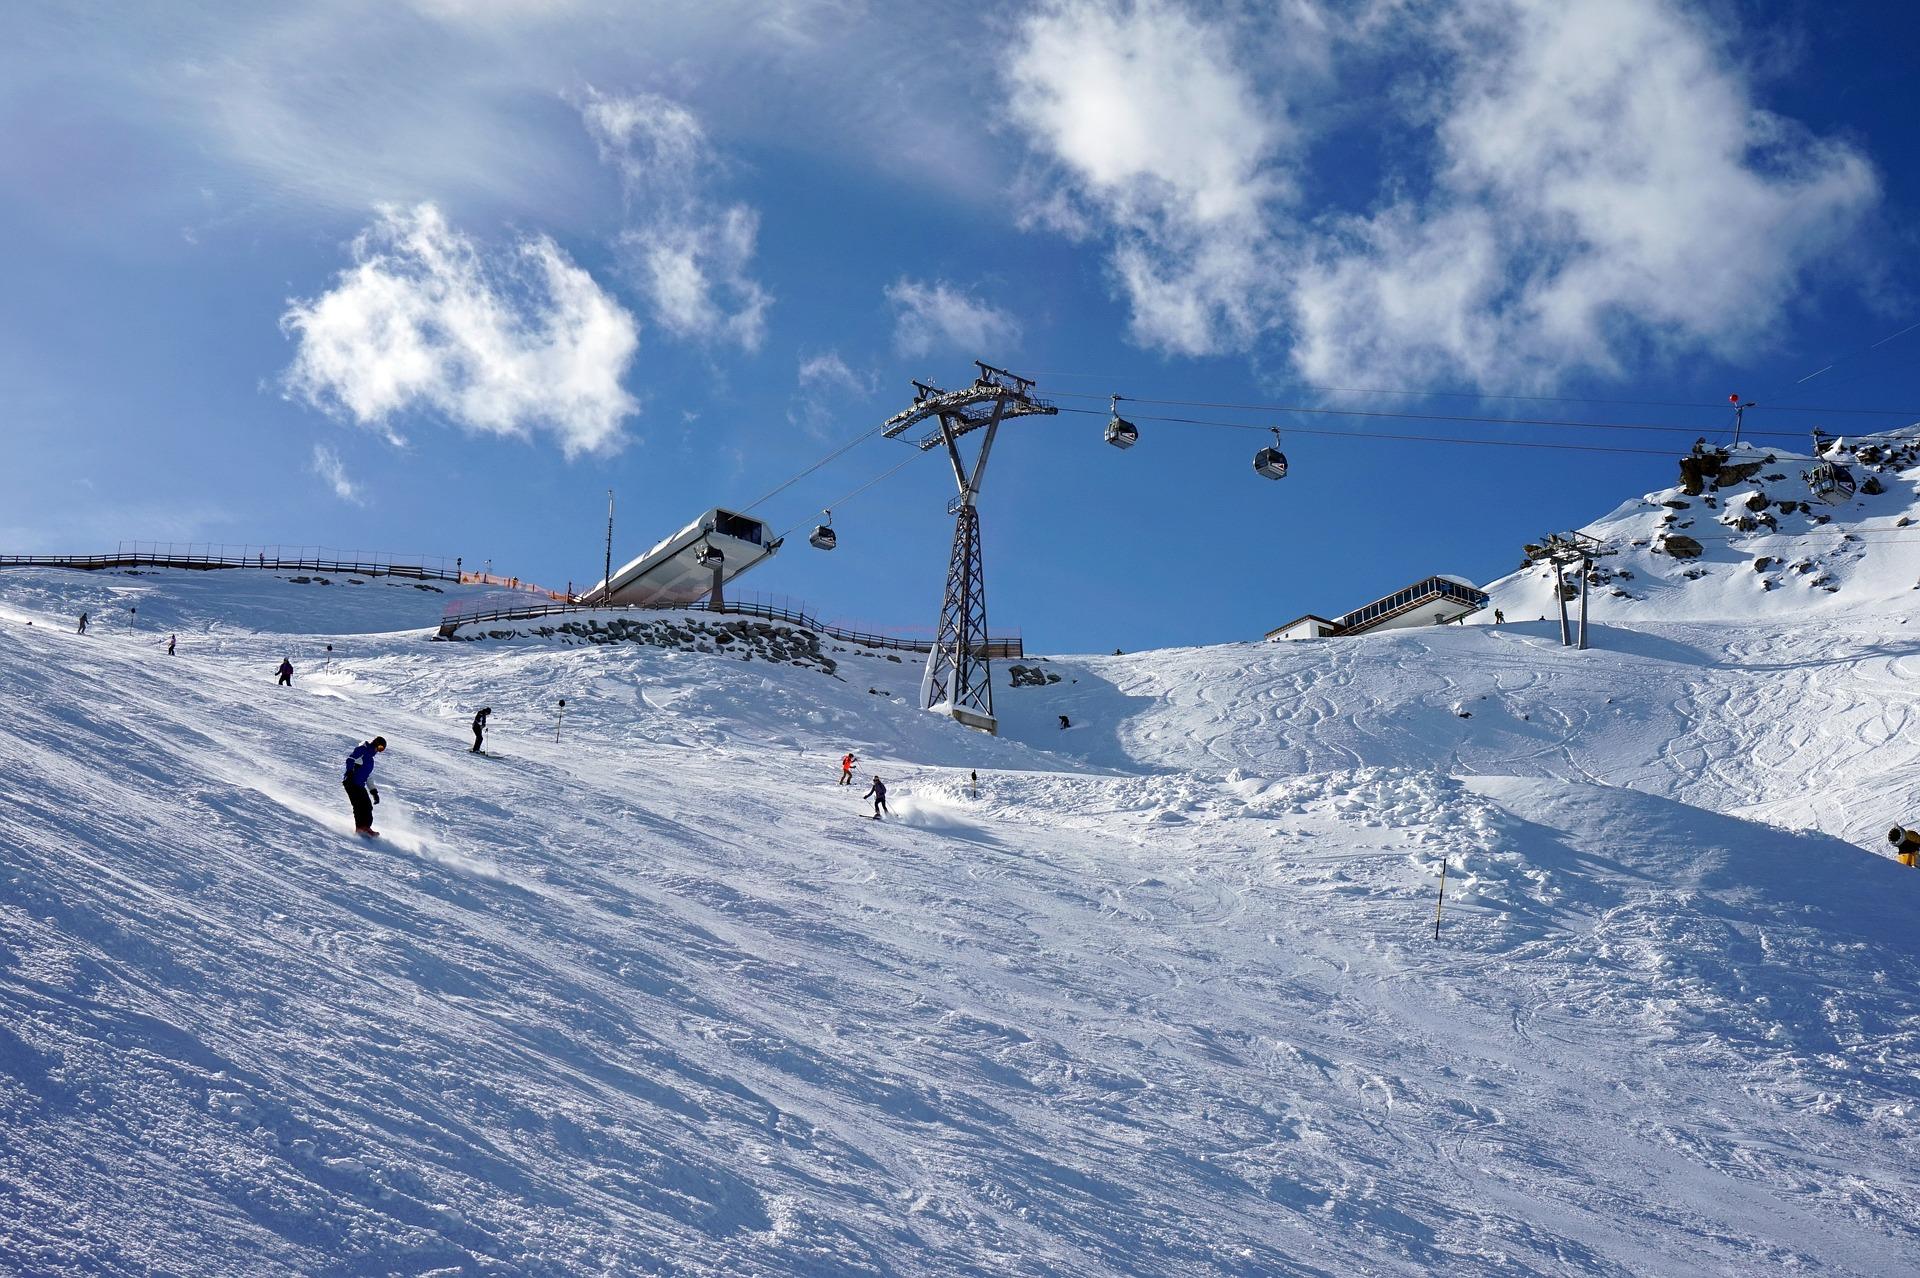 Skigebiete Österreich Top 10 - Sölden